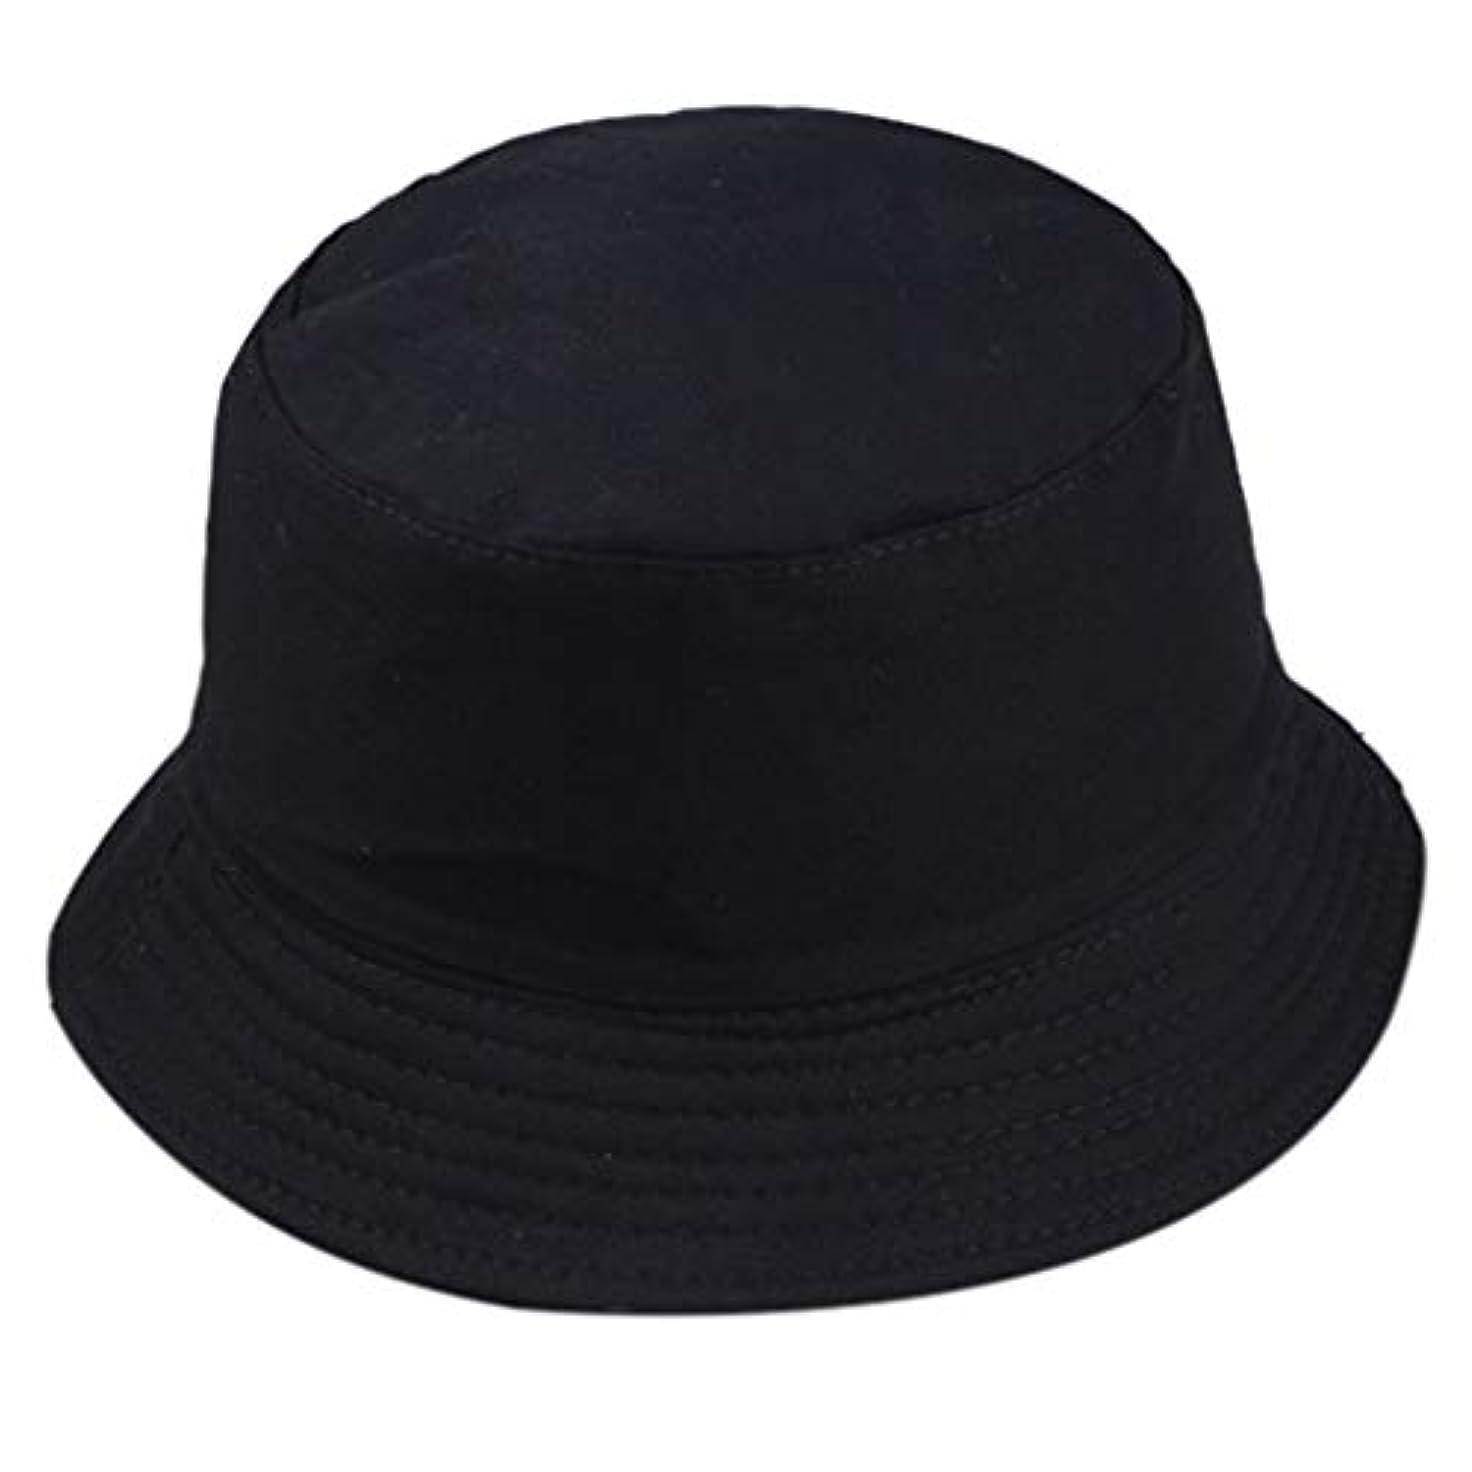 電話に出る乳趣味UVカット 帽子 メンズ レディース サンバイザー Timsa サファリハット 紫外線対策 ワイヤーを加える 熱中症予防 紫外線対策 つば広 おしゃれ 可愛い ハット 旅行用 日よけ 夏季 アウトドア ハイキング バケットハット...